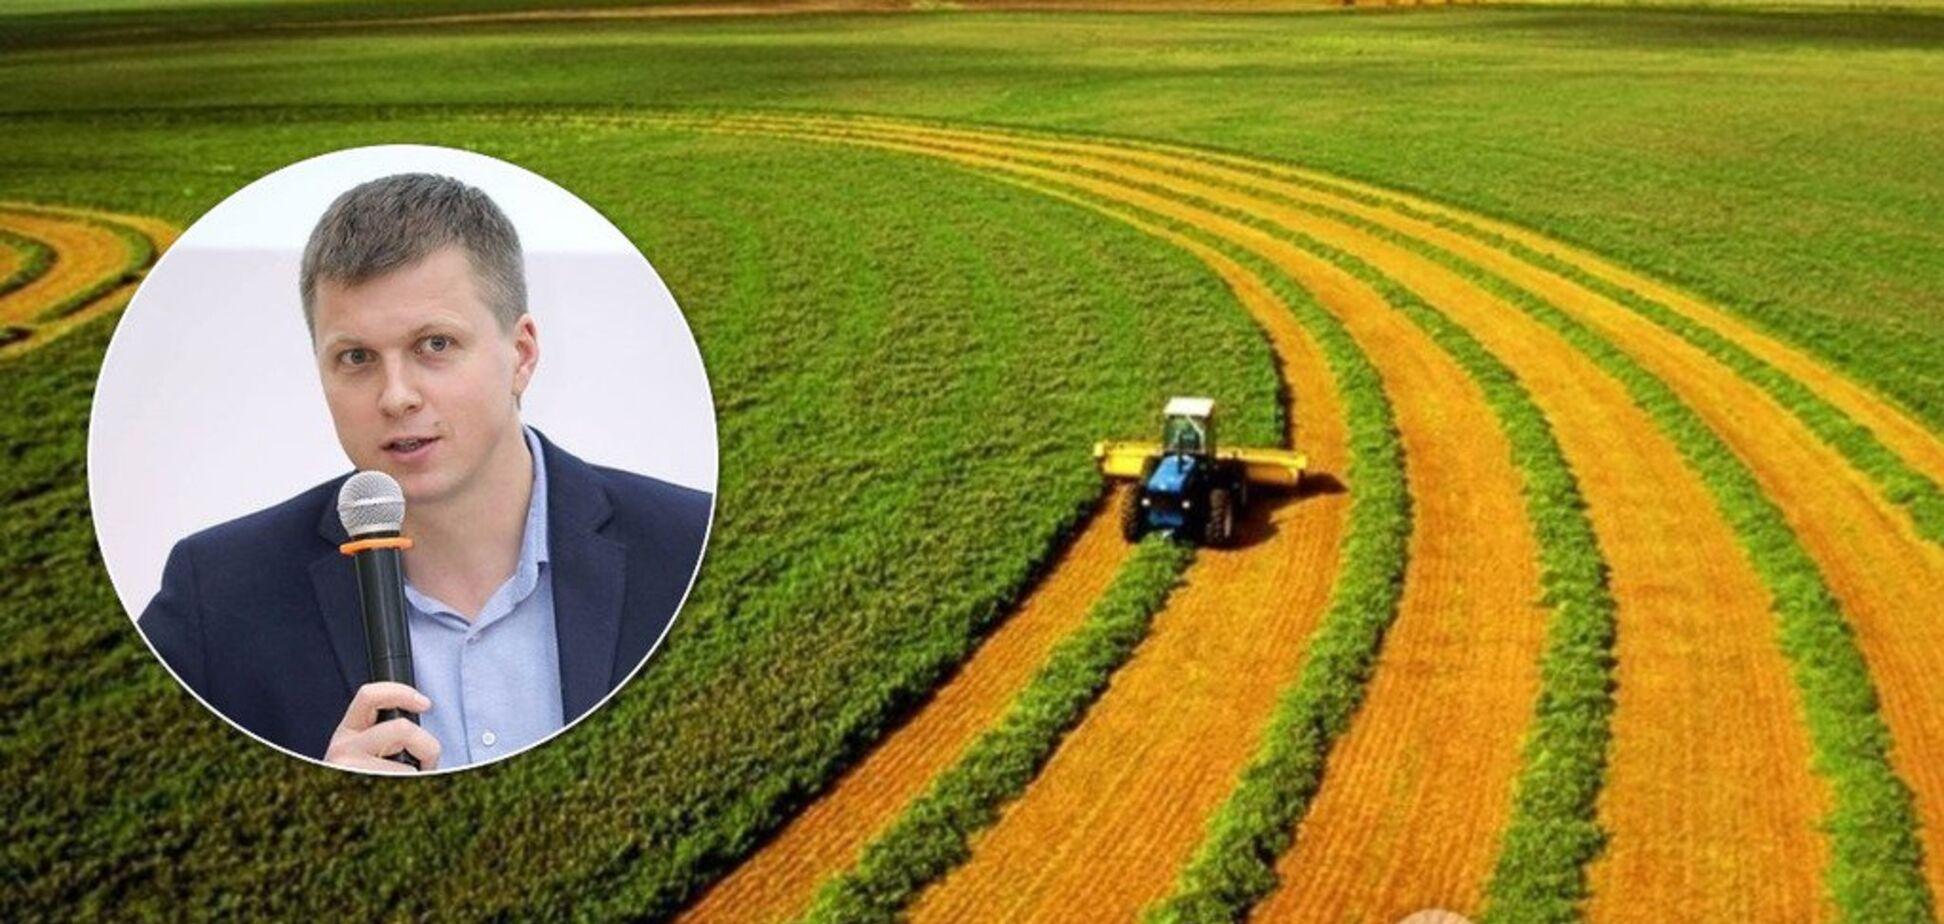 Брат аграрного магната из Кернел лоббирует продажу земли иностранцам